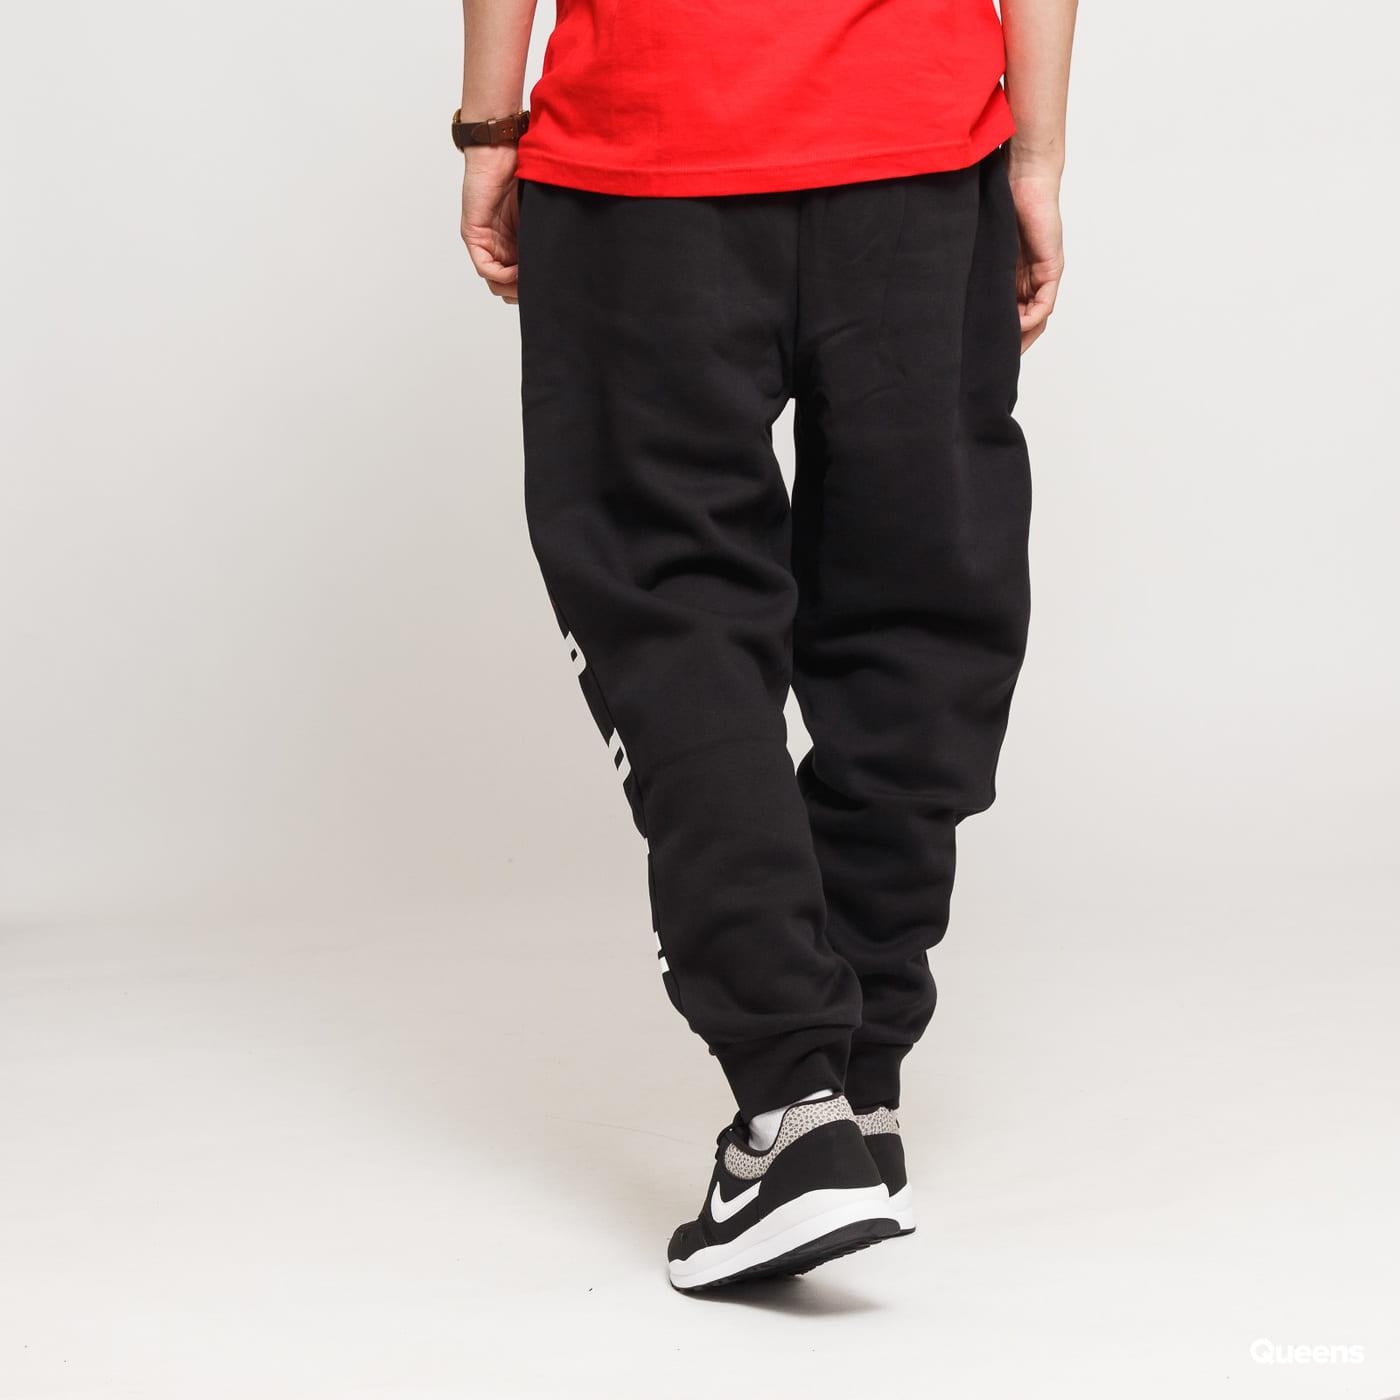 Zväčšiť Zväčšiť Zväčšiť Zväčšiť Zväčšiť Zväčšiť. Jordan Jupman Air Fleece  Pant čierne 84ec6379736